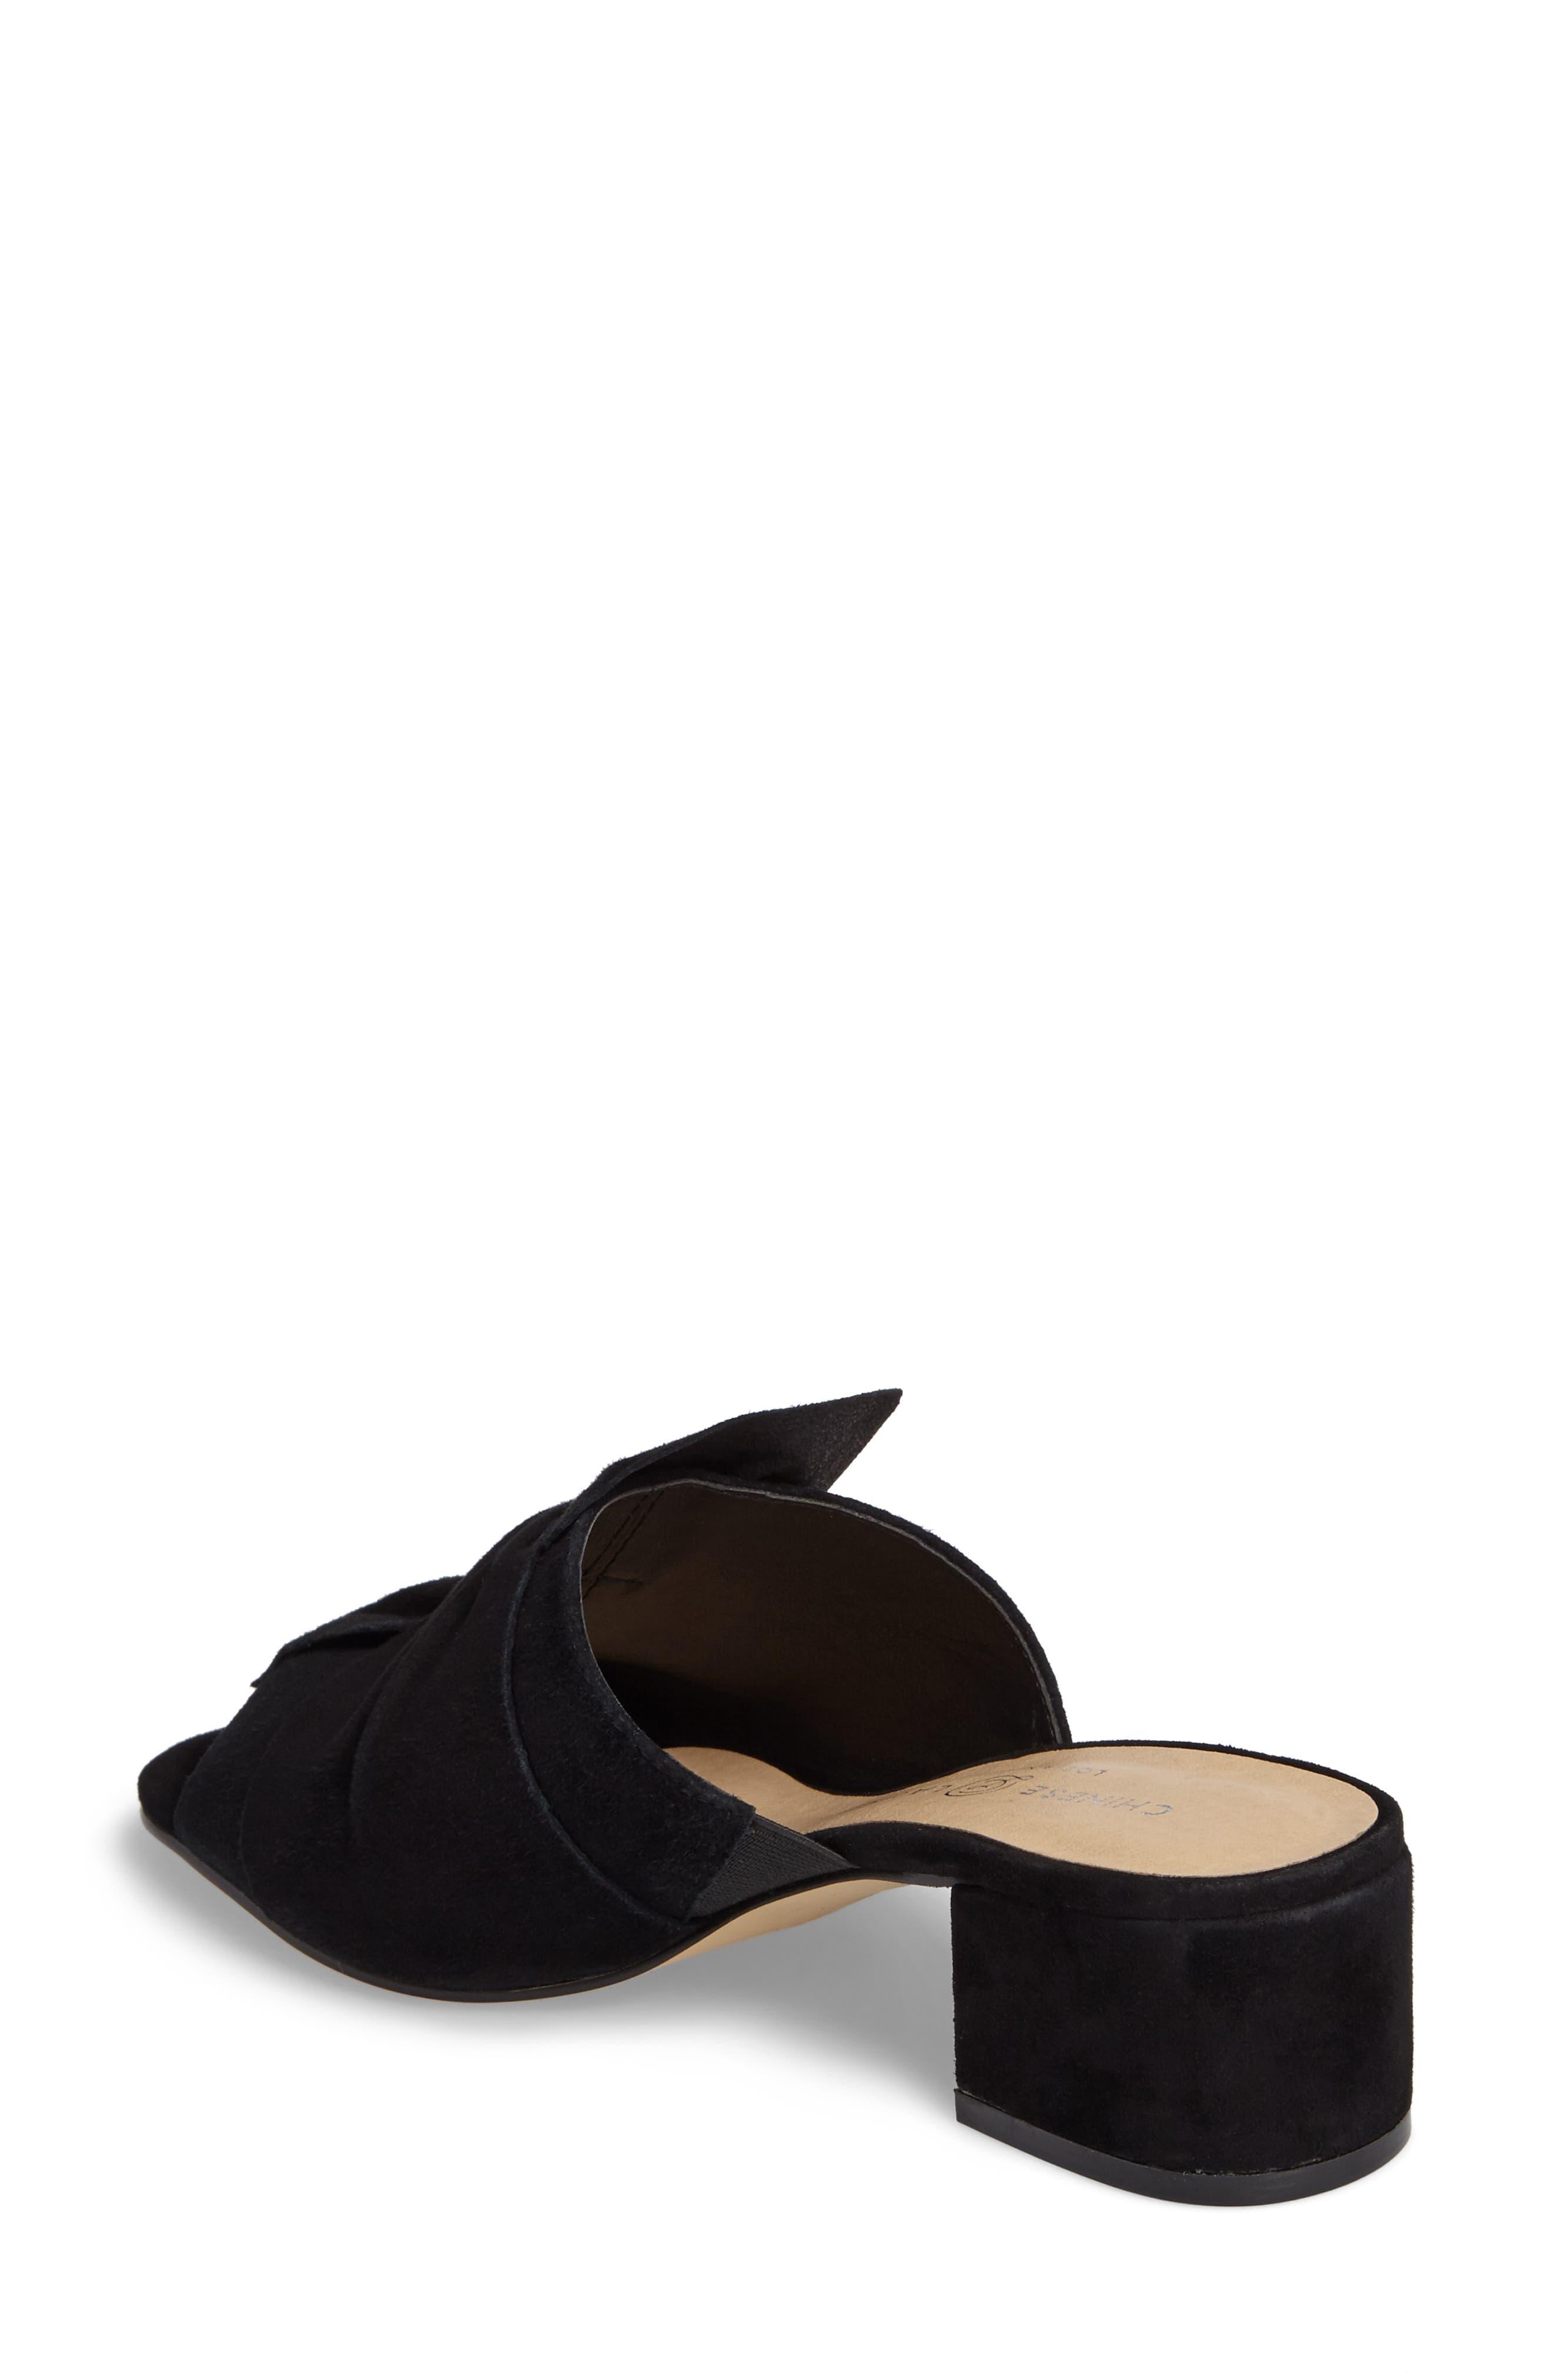 Marlowe Slide Sandal,                             Alternate thumbnail 2, color,                             001